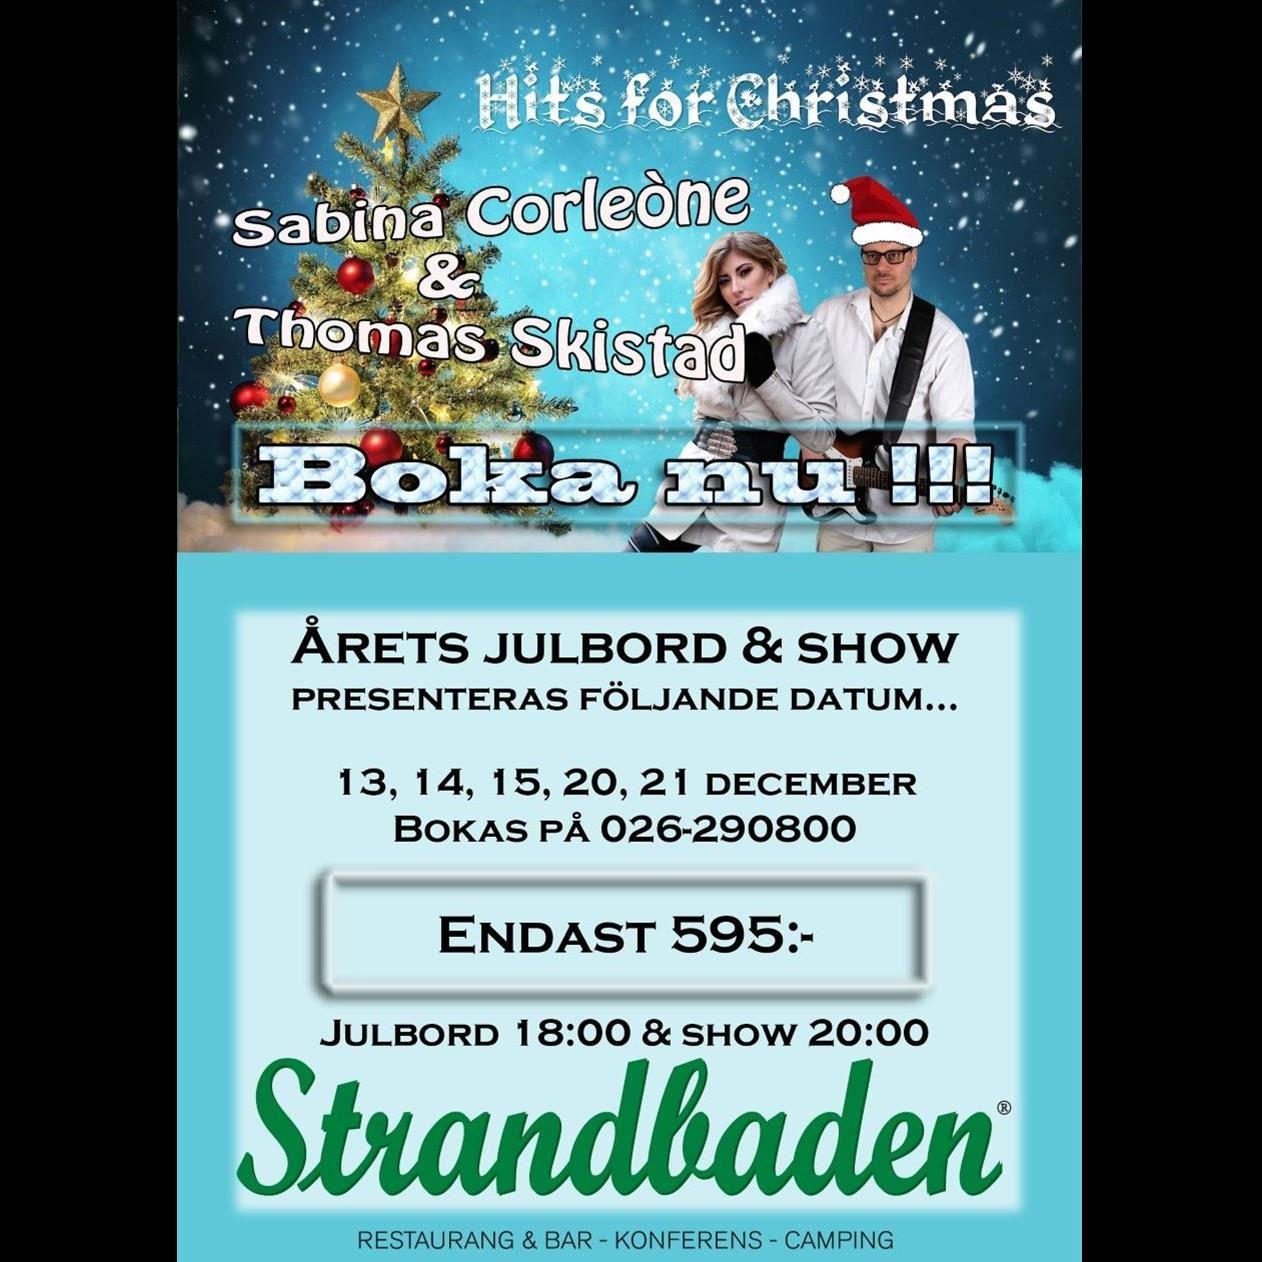 Hits for Christmas